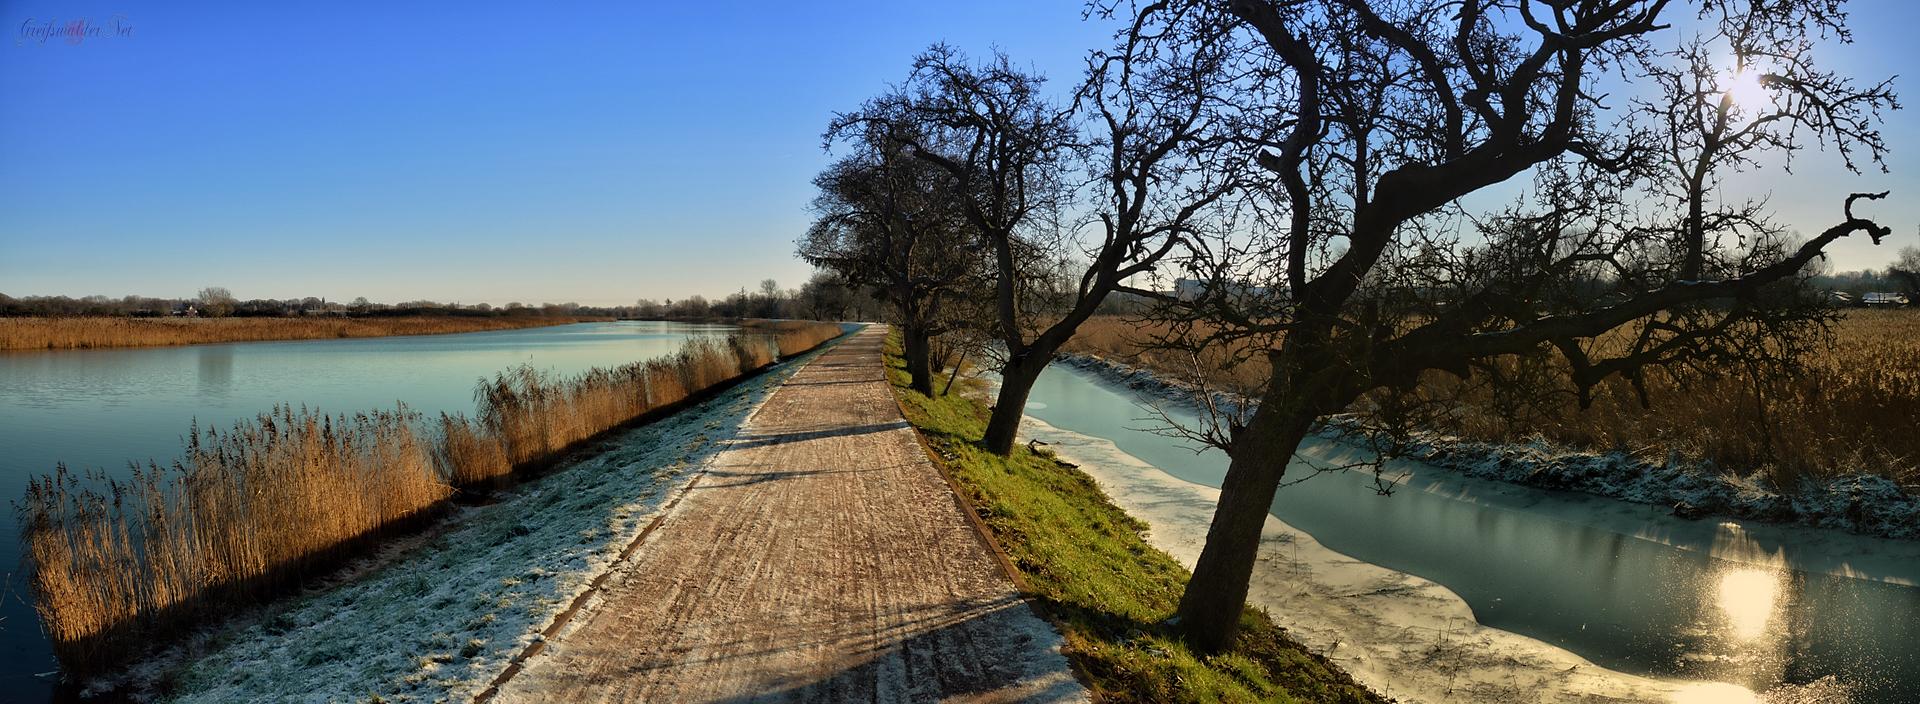 Dezember-Nachmittag auf dem Treidelpfad in Greifswald